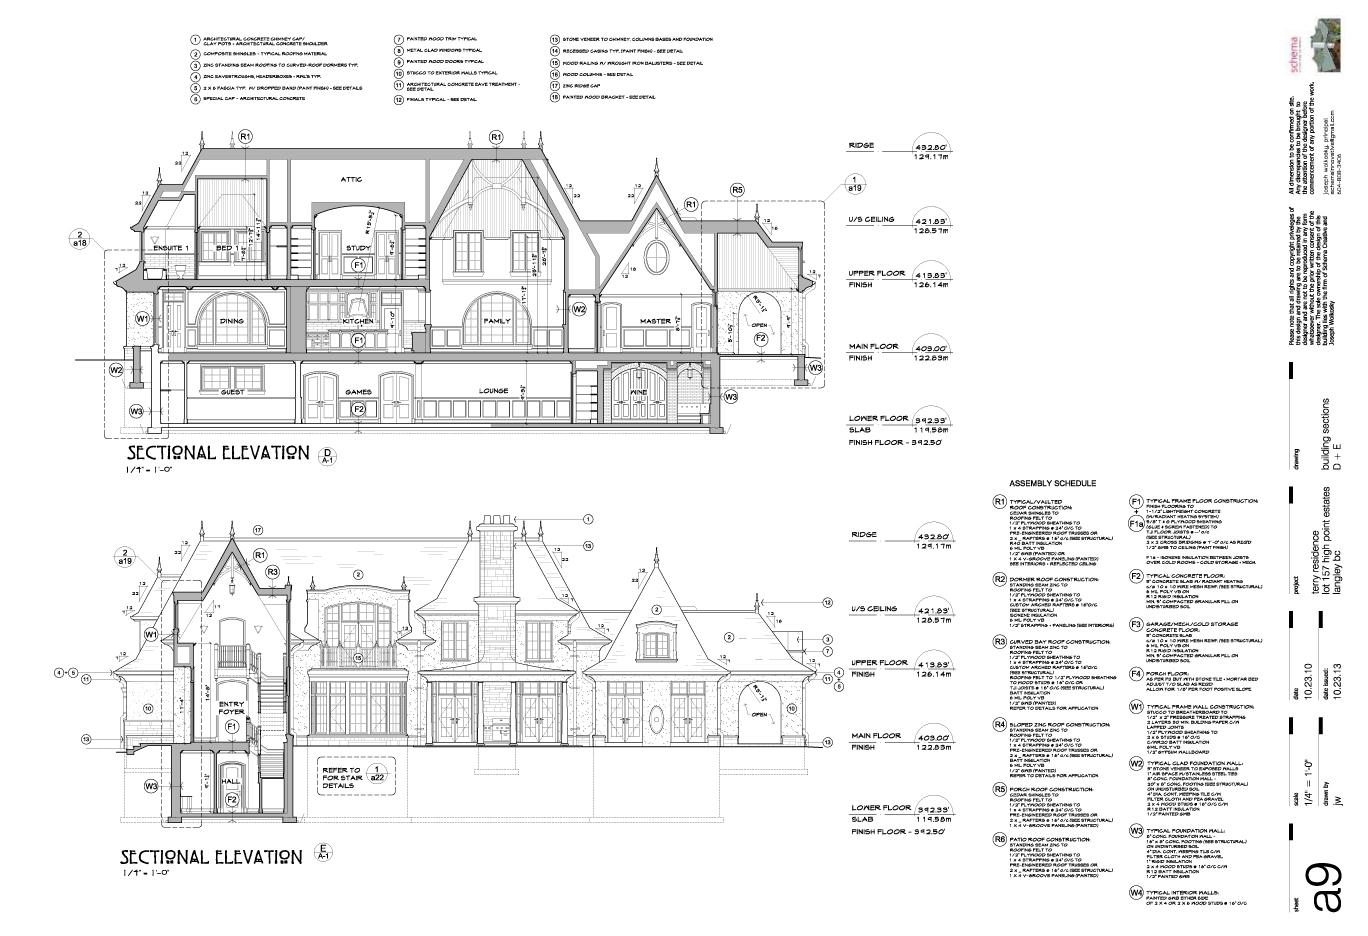 A9-BUILDING-SECTIONS-D-E